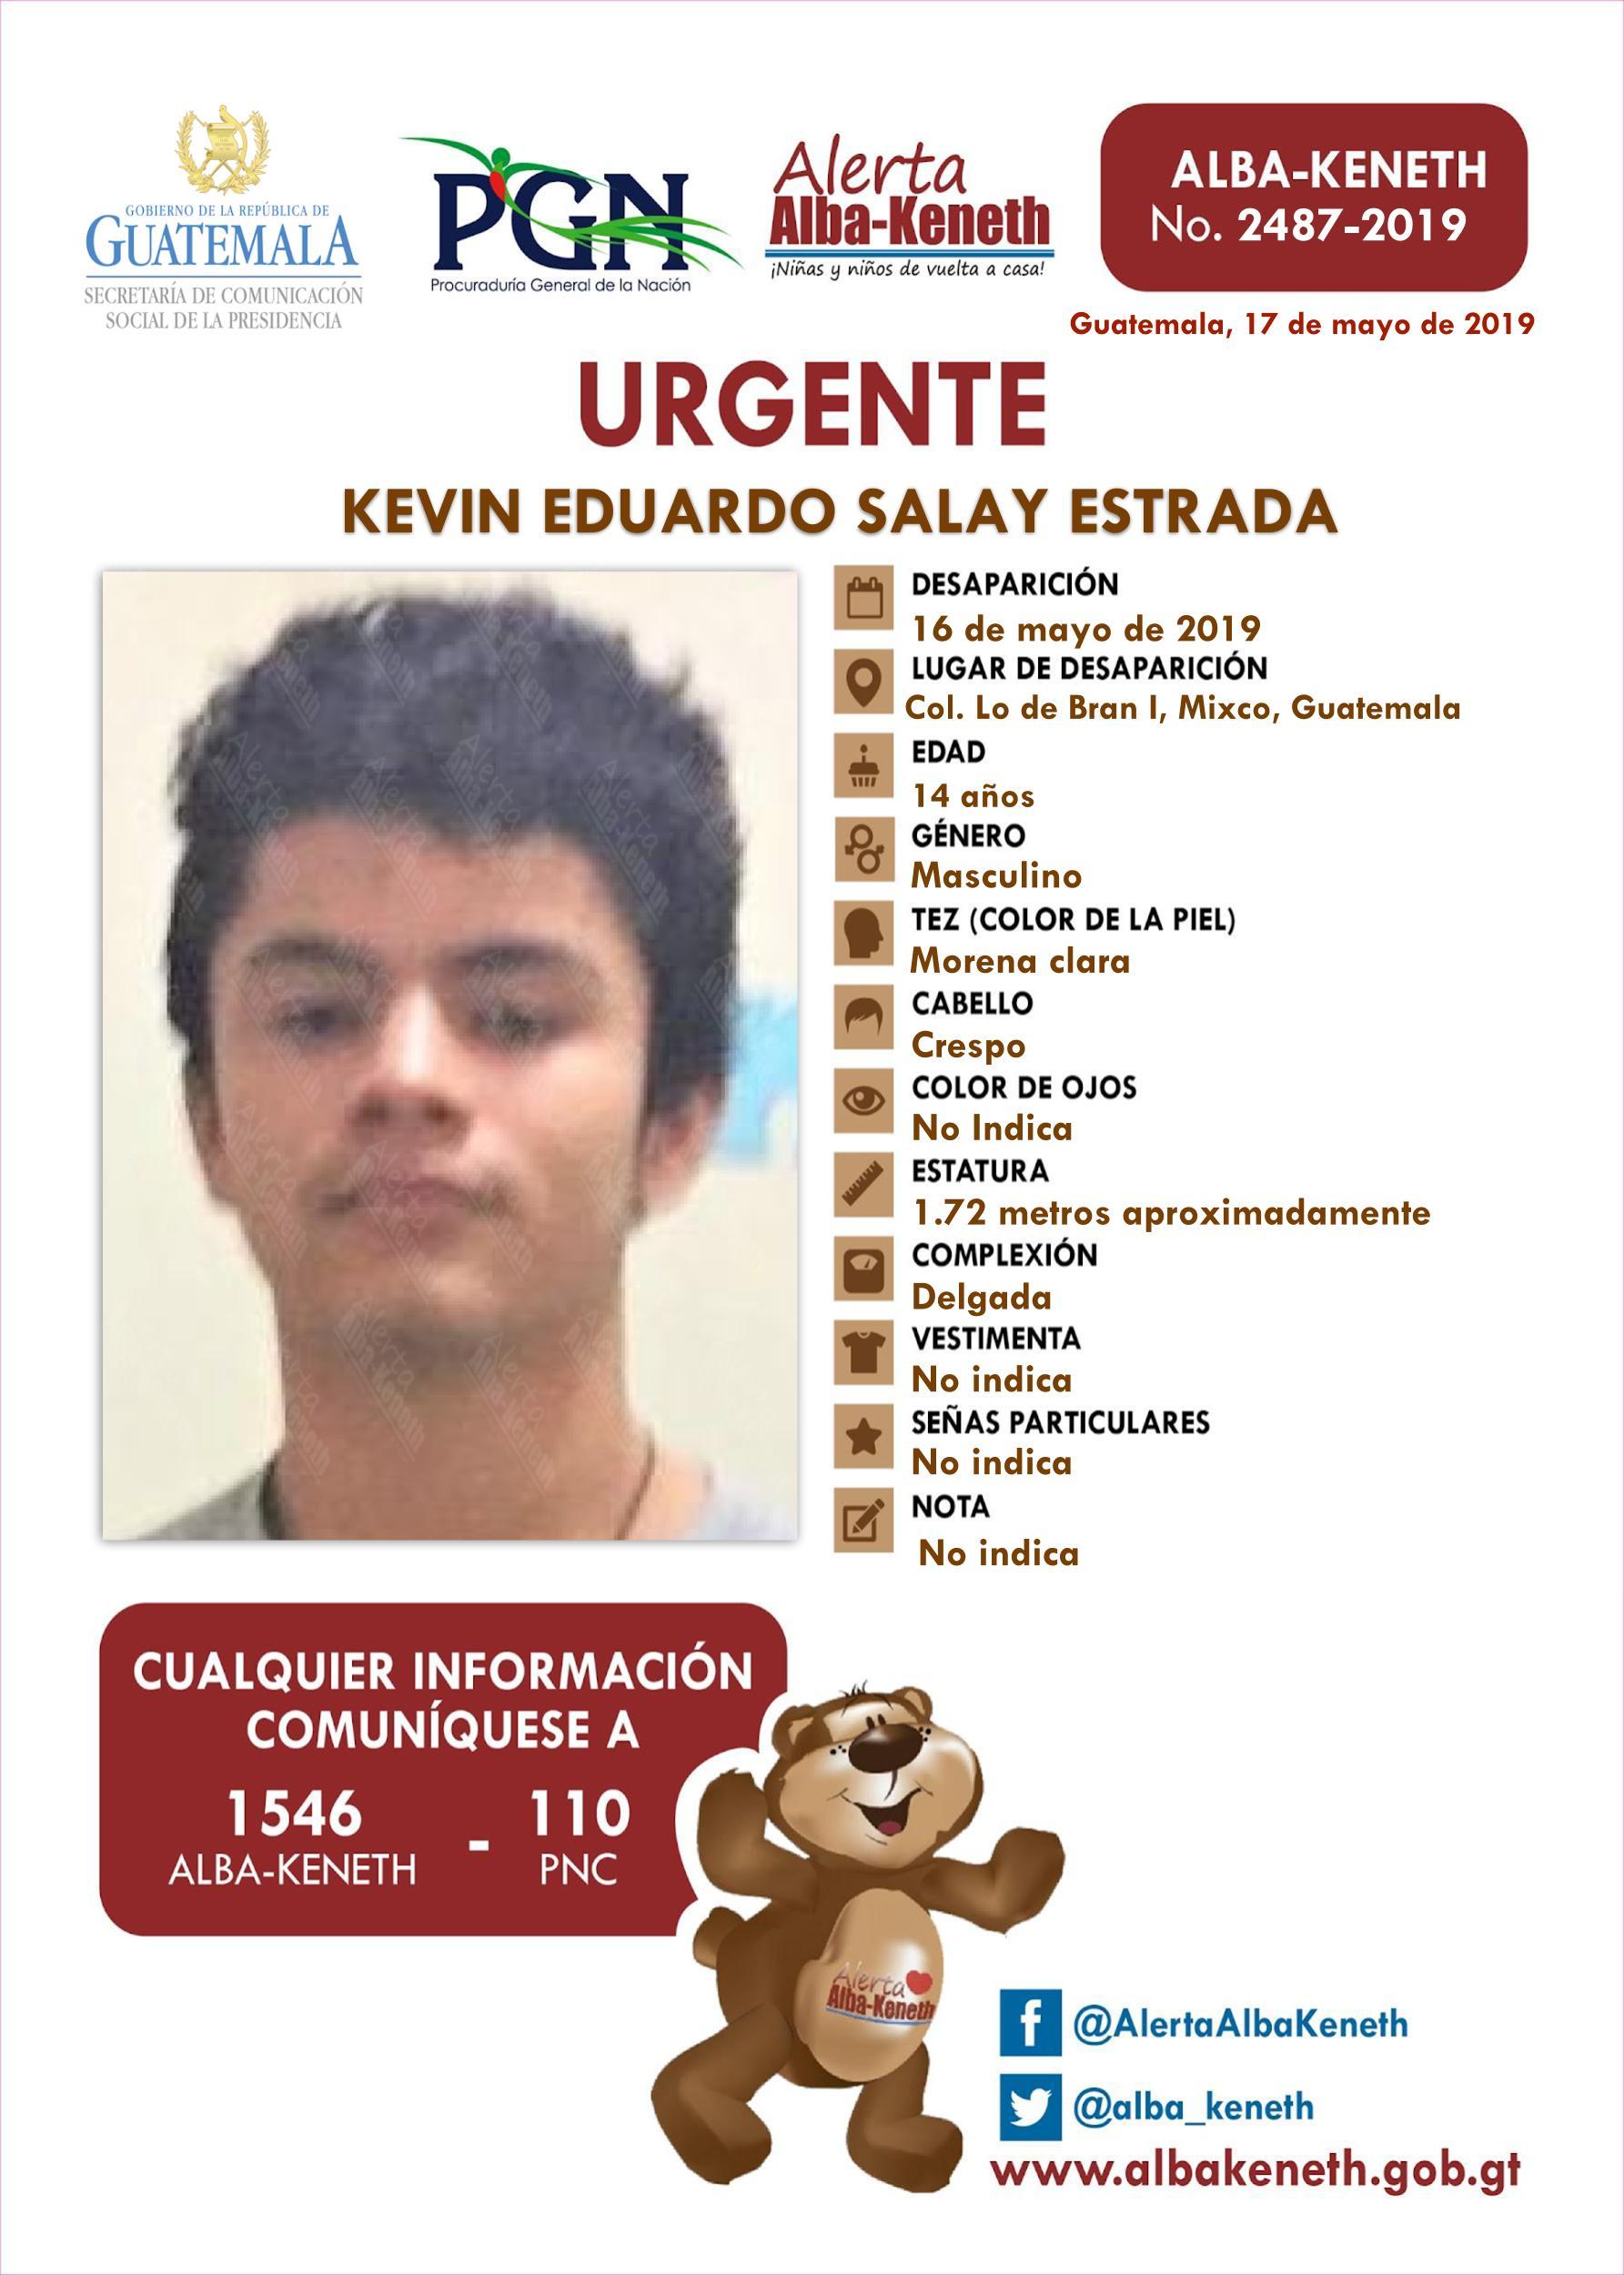 Kevin Eduardo Salay Estrada